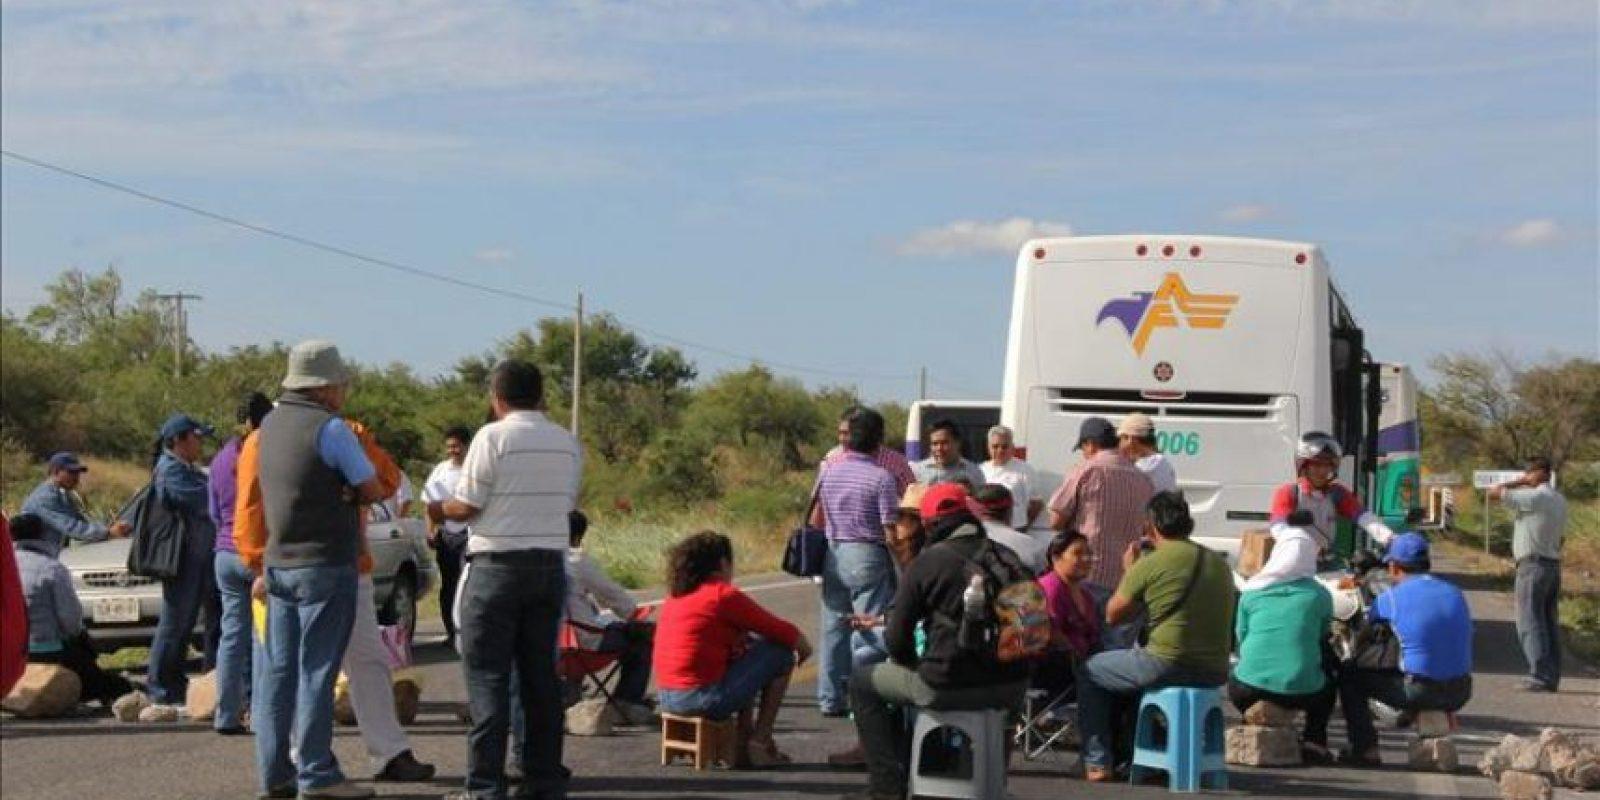 Manifestantes que reclaman la aparición con vida de 43 estudiantes desaparecidos bloqueando una carretera del Estado de Oaxaca.Las precampañas para las elecciones de diputados del próximo 7 de junio en México arrancaron hoy en medio de la tensión que se vive en el estado de Guerrero y Oaxaca por la desaparición de 43 estudiantes el pasado 26 de septiembre pasado. EFE/QUADRATÍN/Solo uso editorial